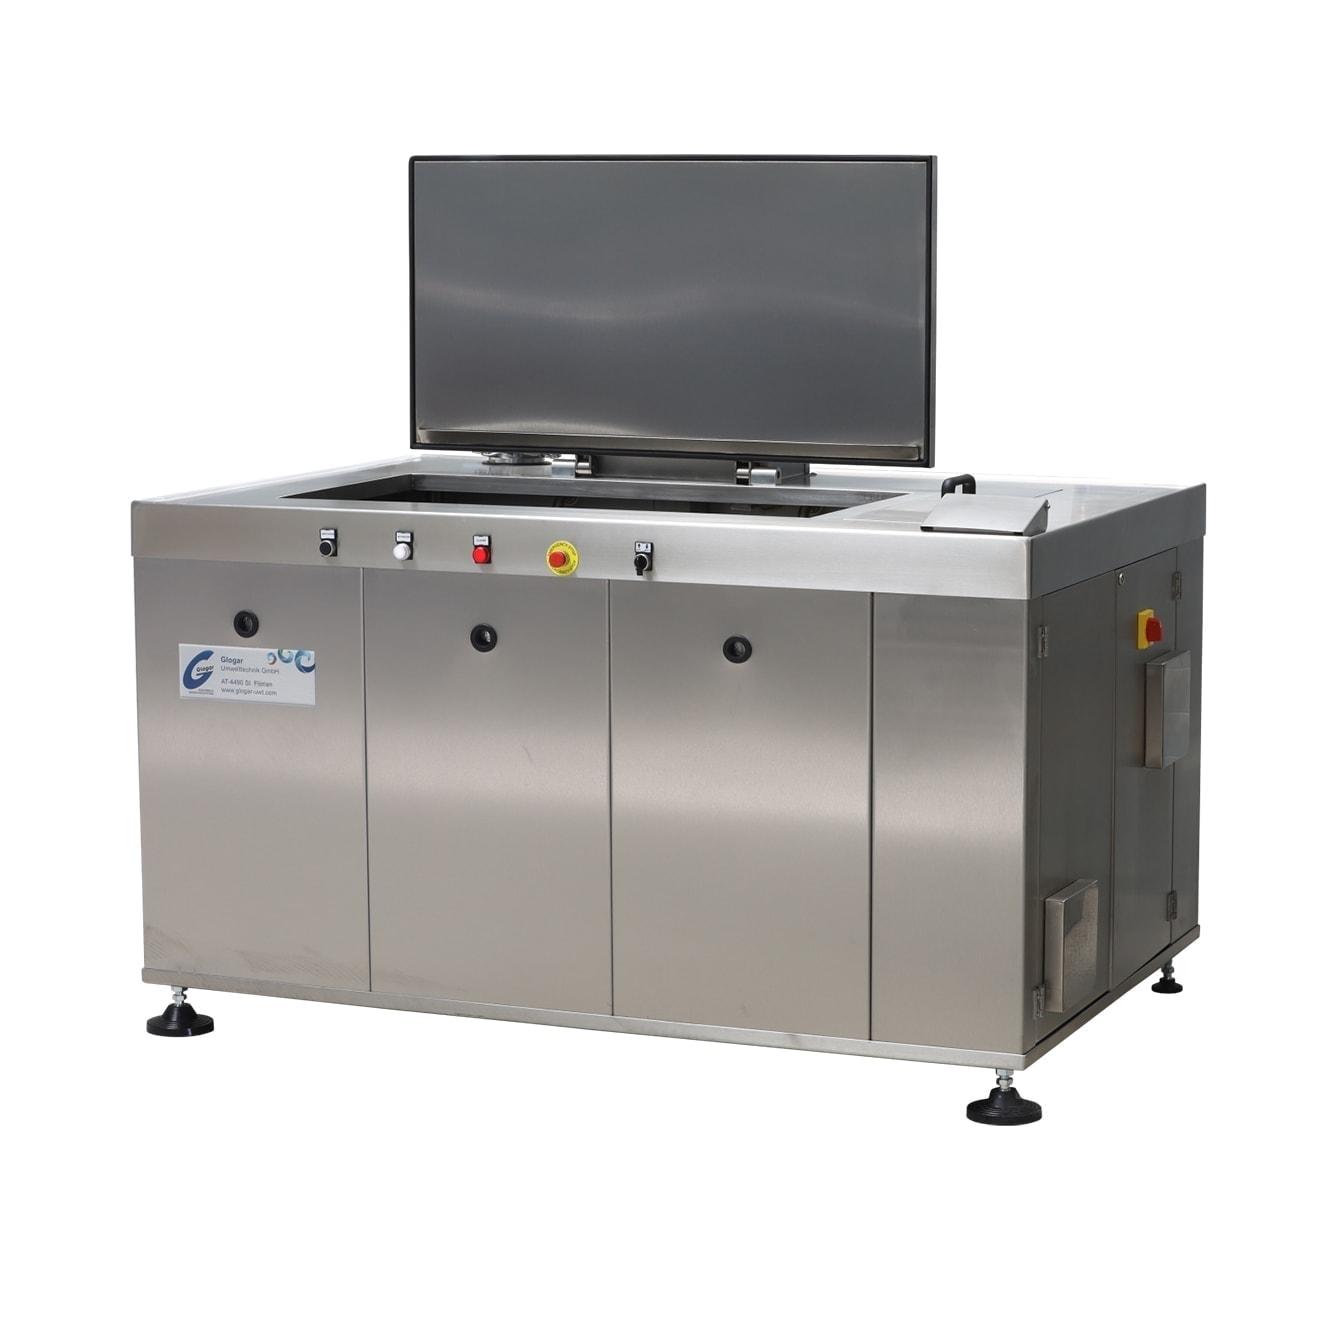 Ultraschall Waschmaschine mit Warenlifte & Ölabscheider